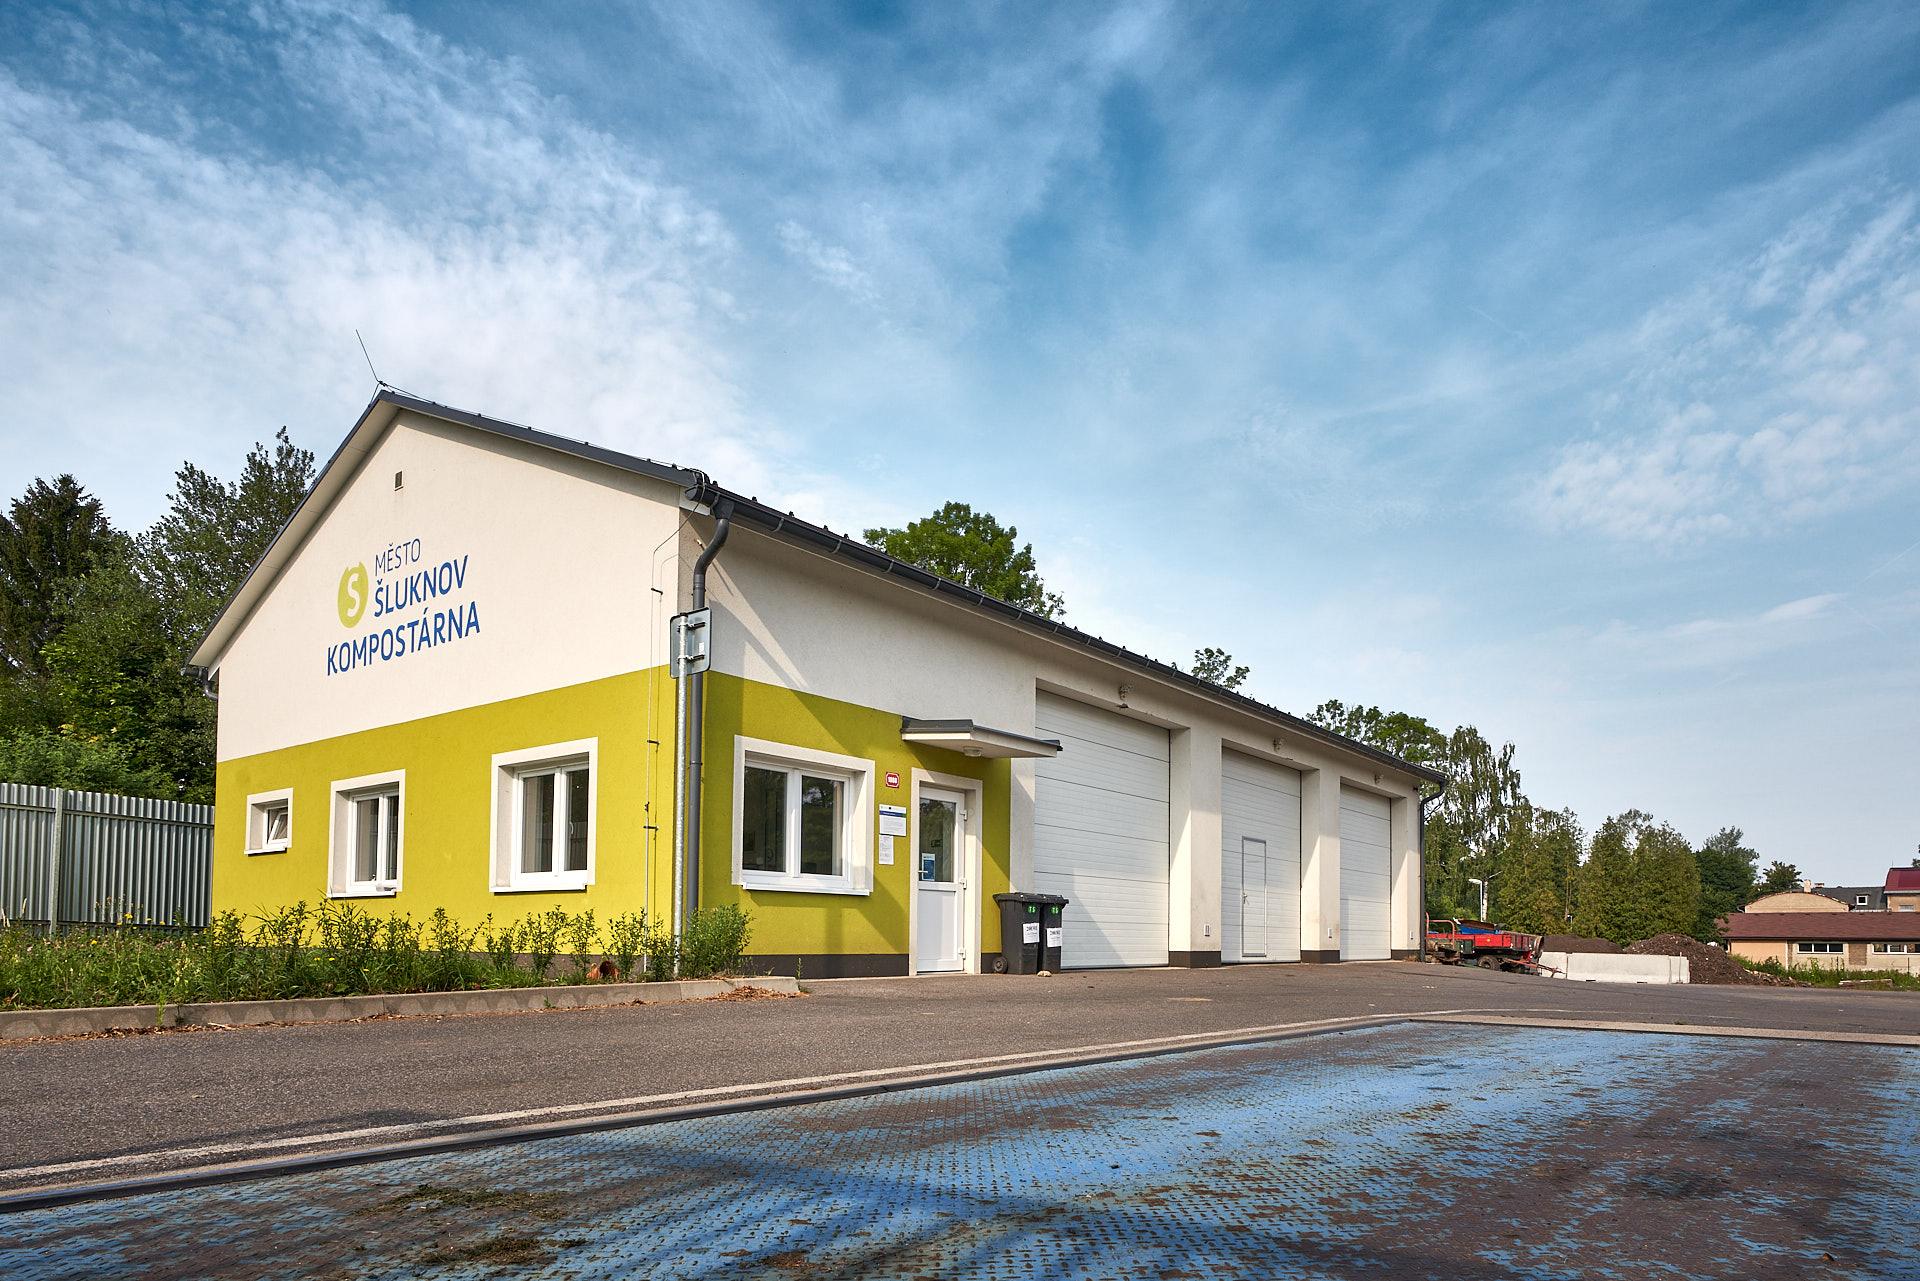 Od 1. dubna 2021 dochází k výrazné změně v nakládání s objemnými odpady ve Šluknově